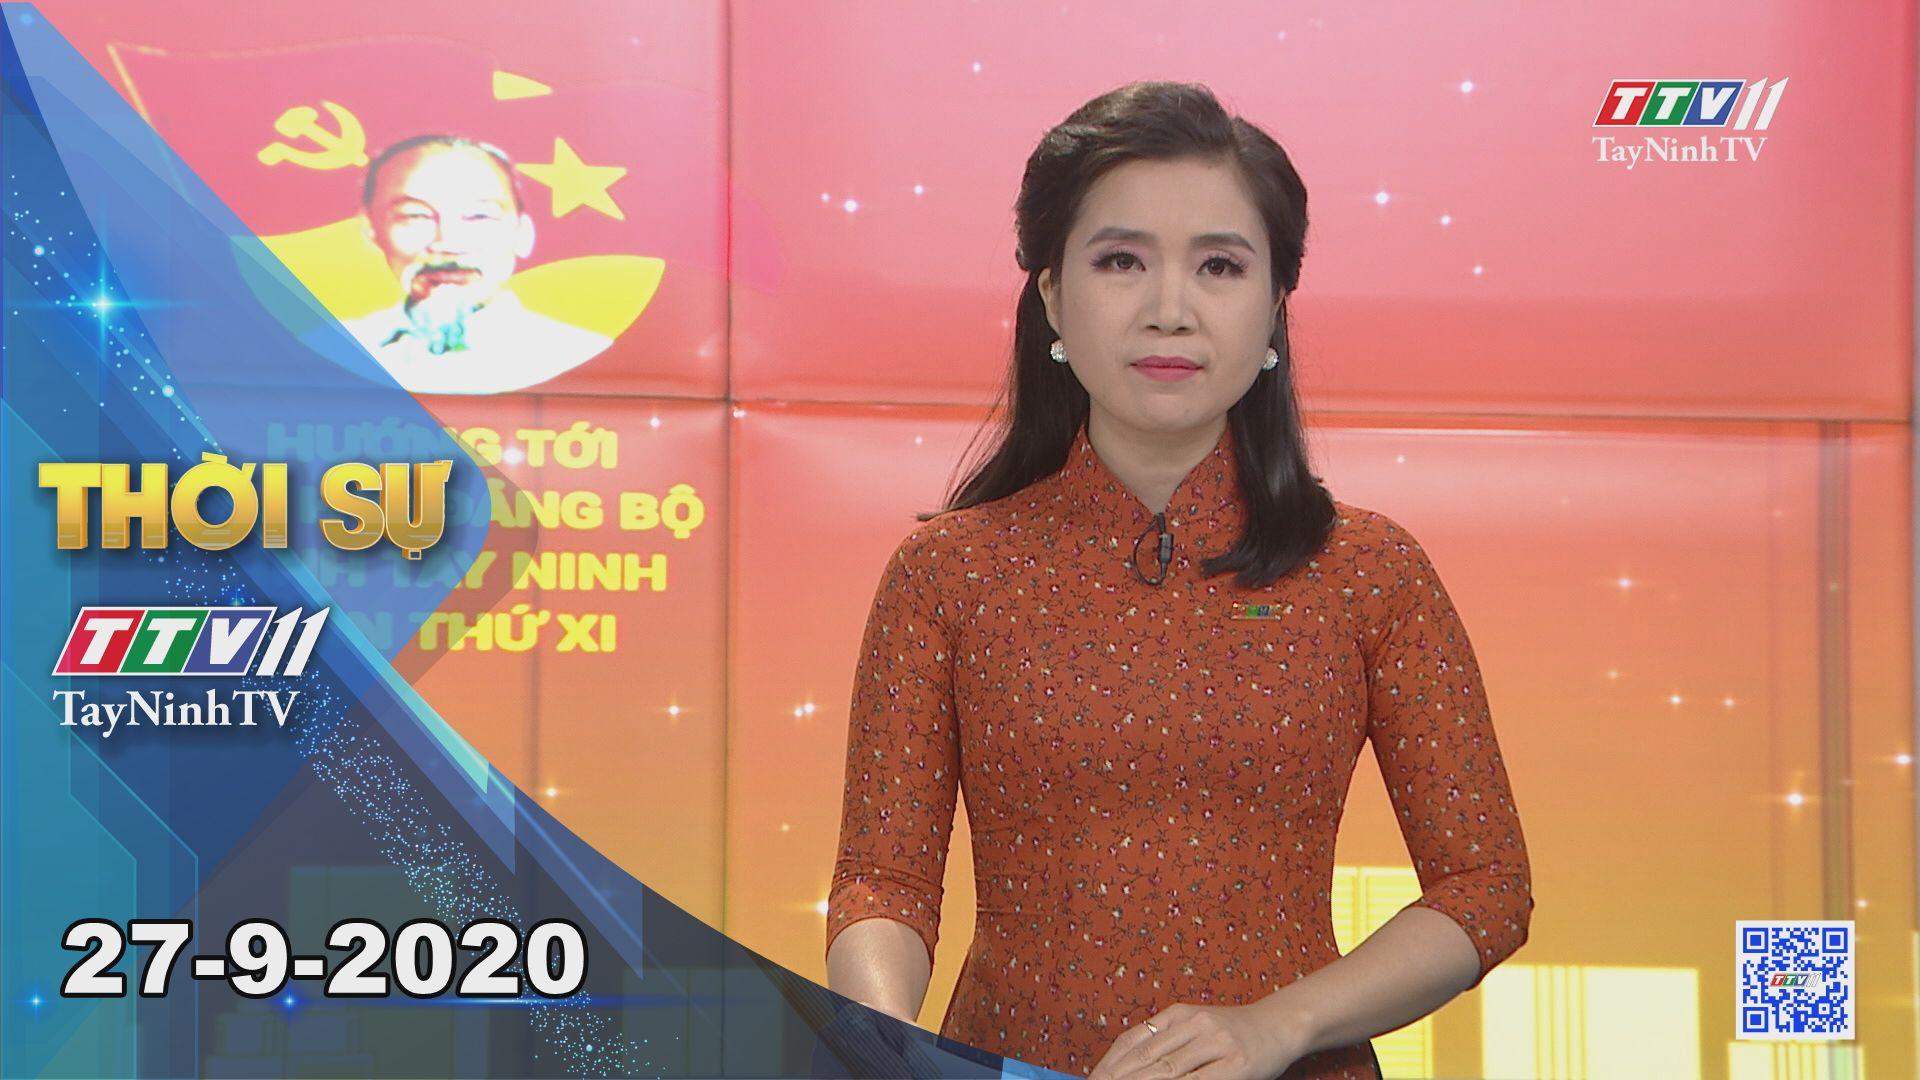 Thời sự Tây Ninh 27-9-2020 | Tin tức hôm nay | TayNinhTV